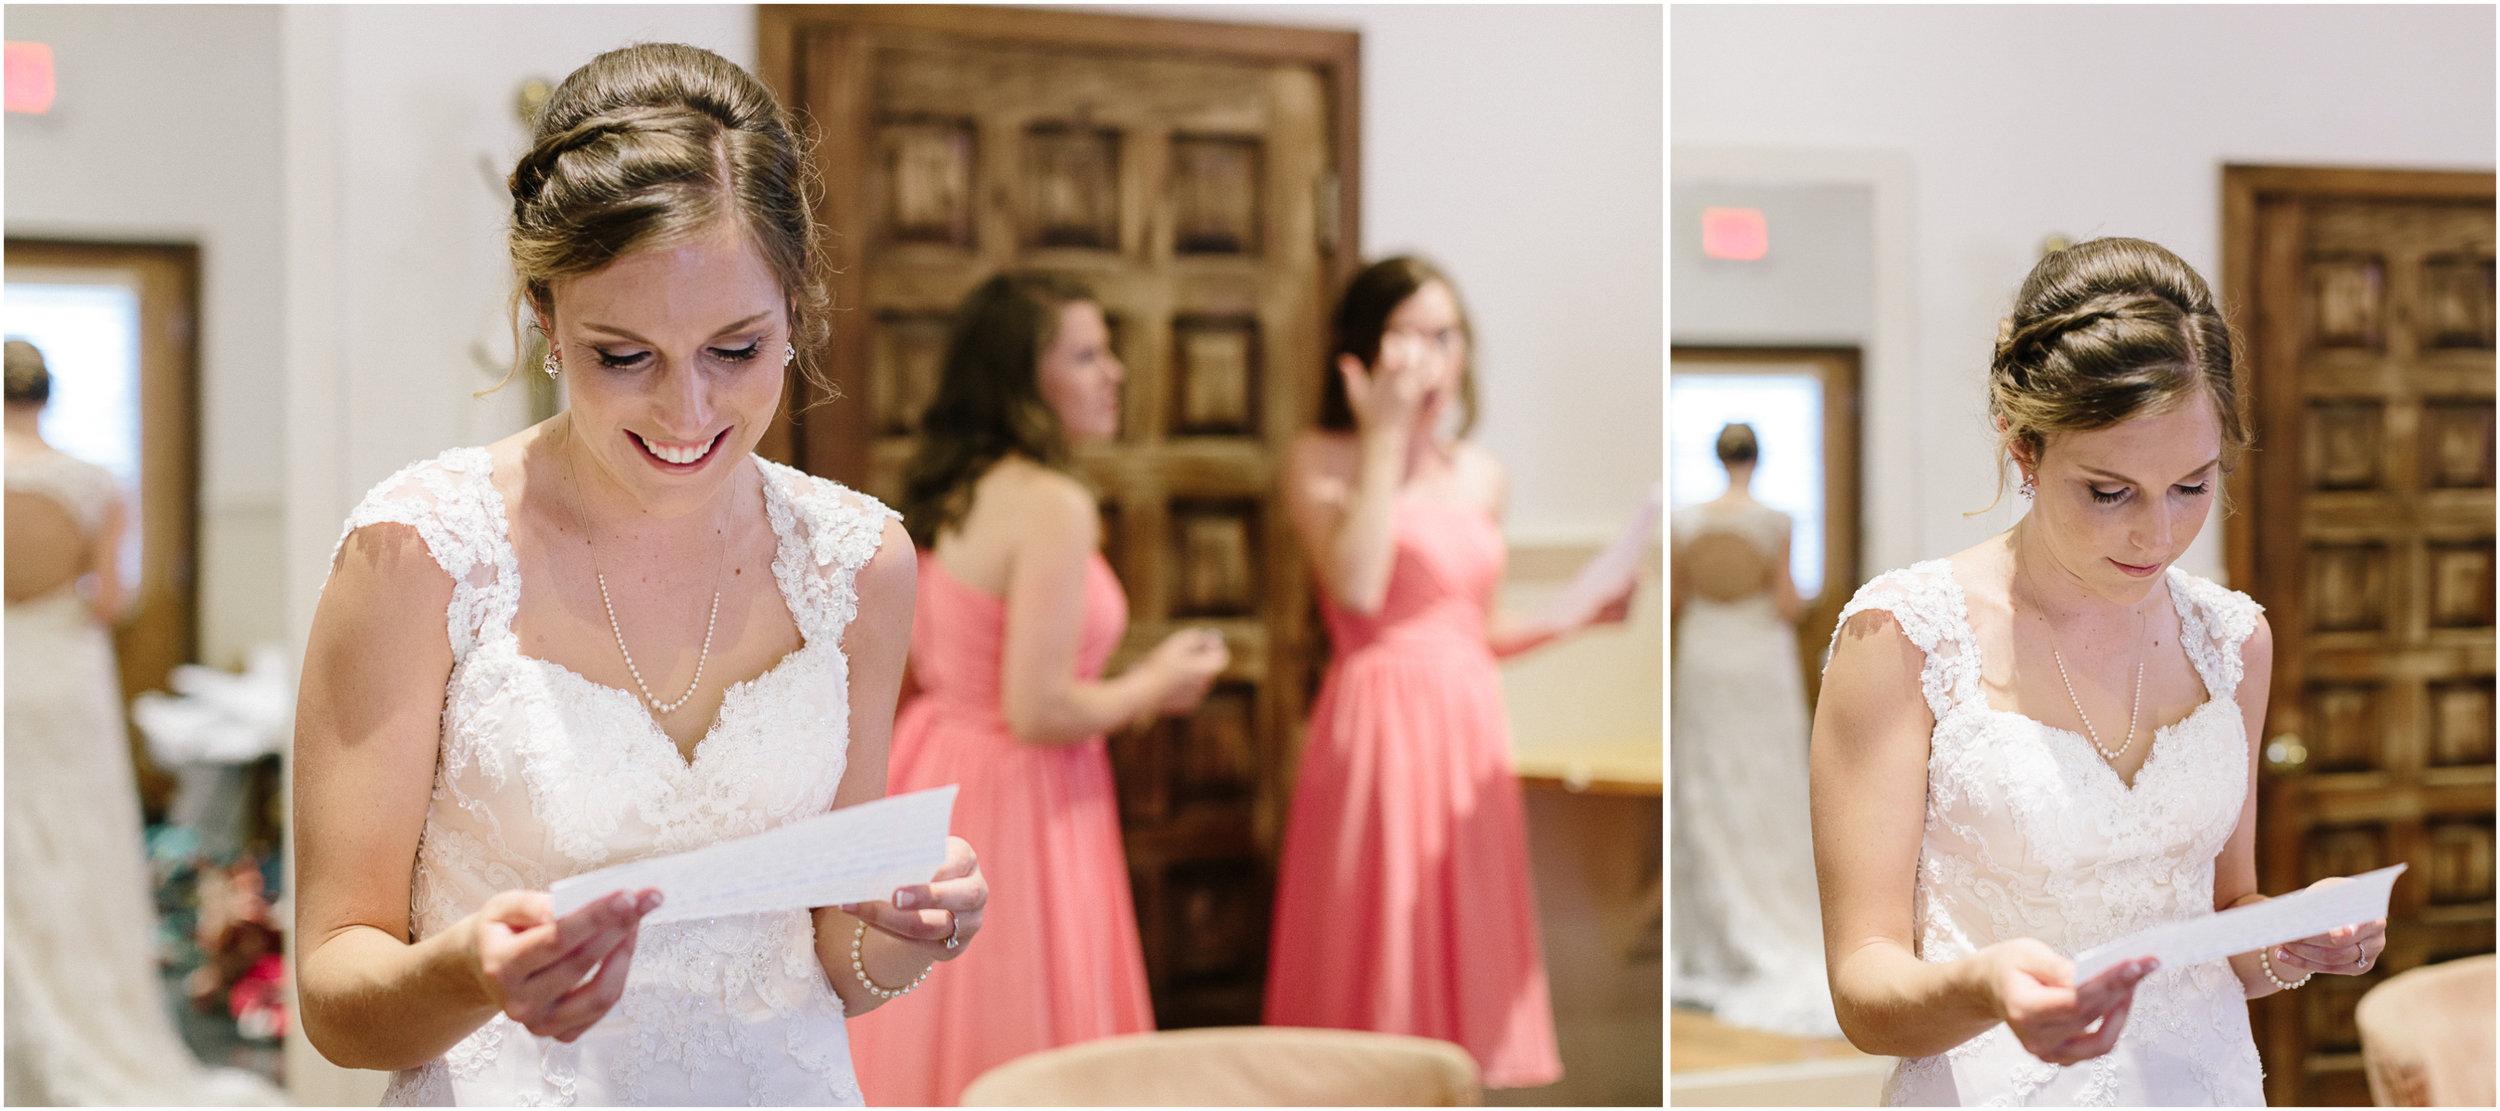 alyssa barletter photography weston missouri bright summer wedding allie and alex cole-4.jpg